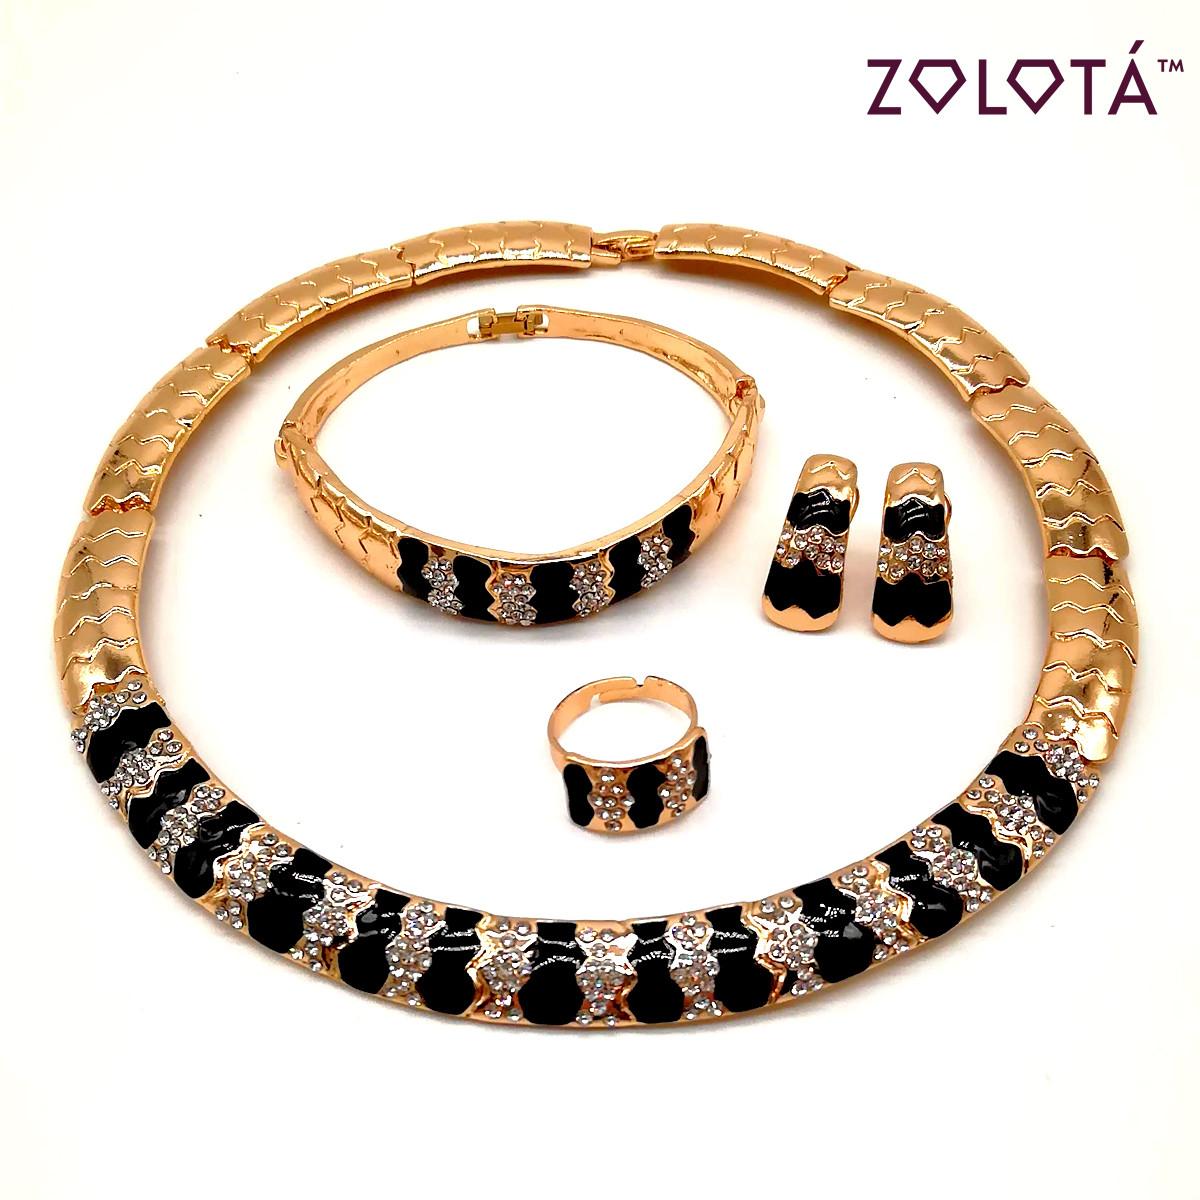 Комплект (Колье + браслет + серьги + кольцо) с фианитами (куб. цирконием) и ювелирной эмалью, в позолоте, НБ00030 (1)